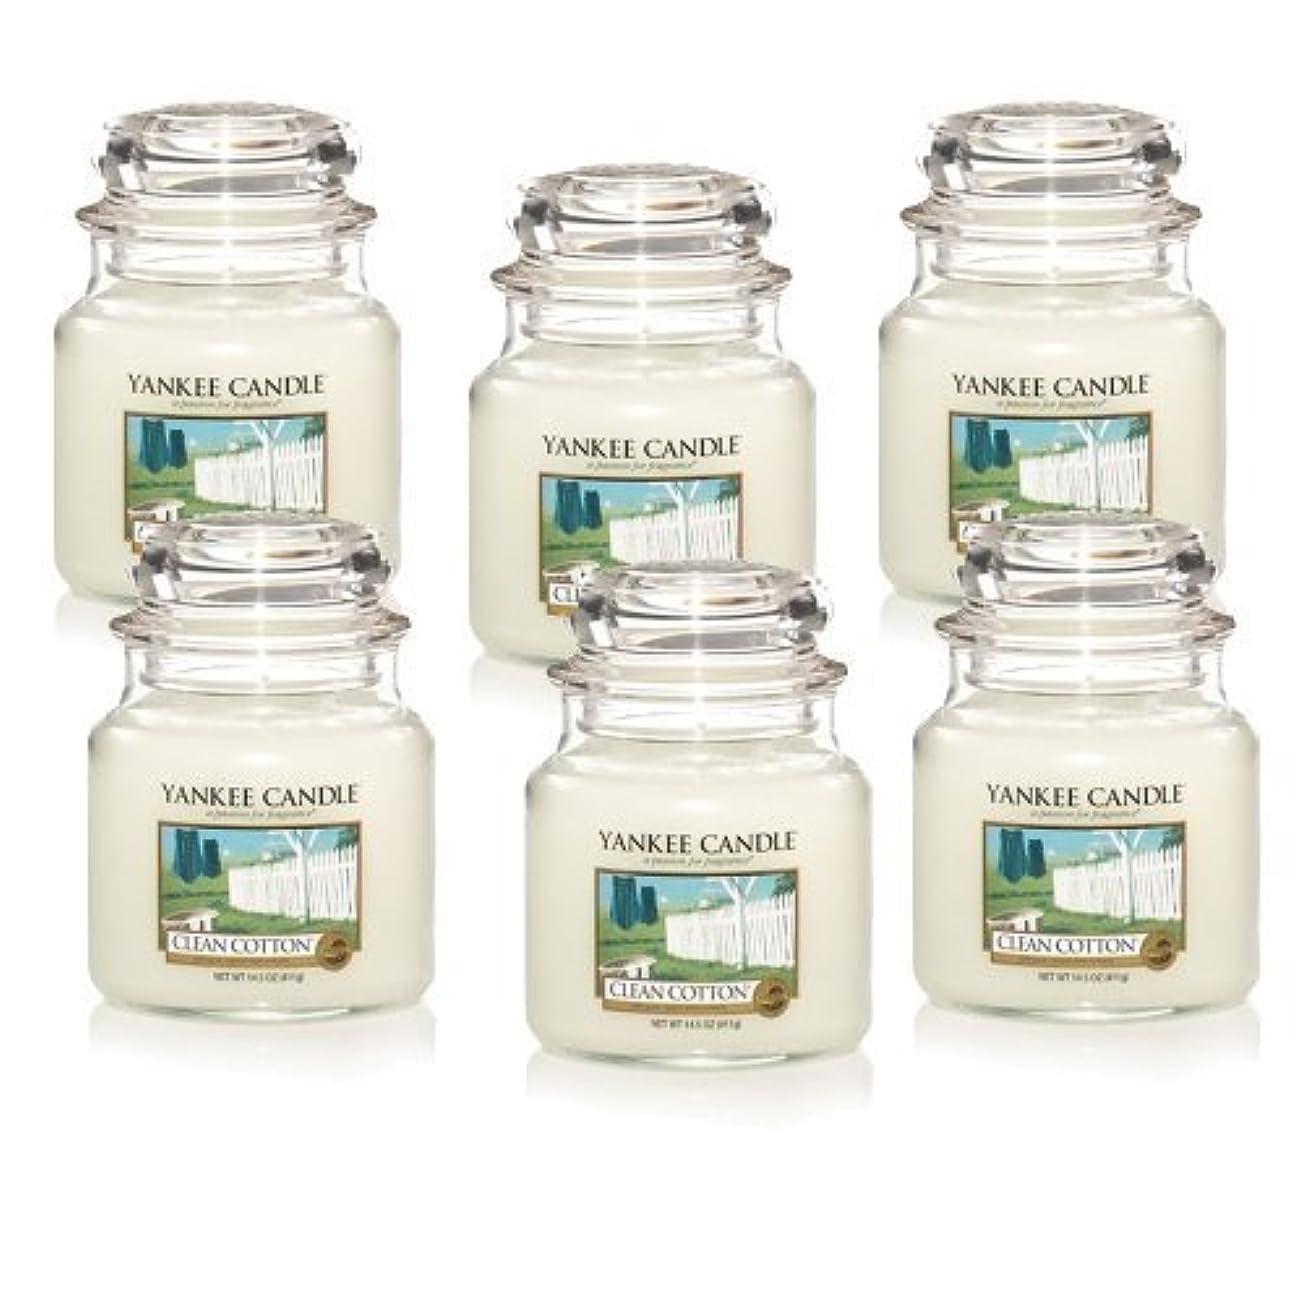 主張対処する辛いYankee Candle Company Clean Cotton 14.5-Ounce Jar Candle, Medium, Set of 6 by Amazon source [並行輸入品]